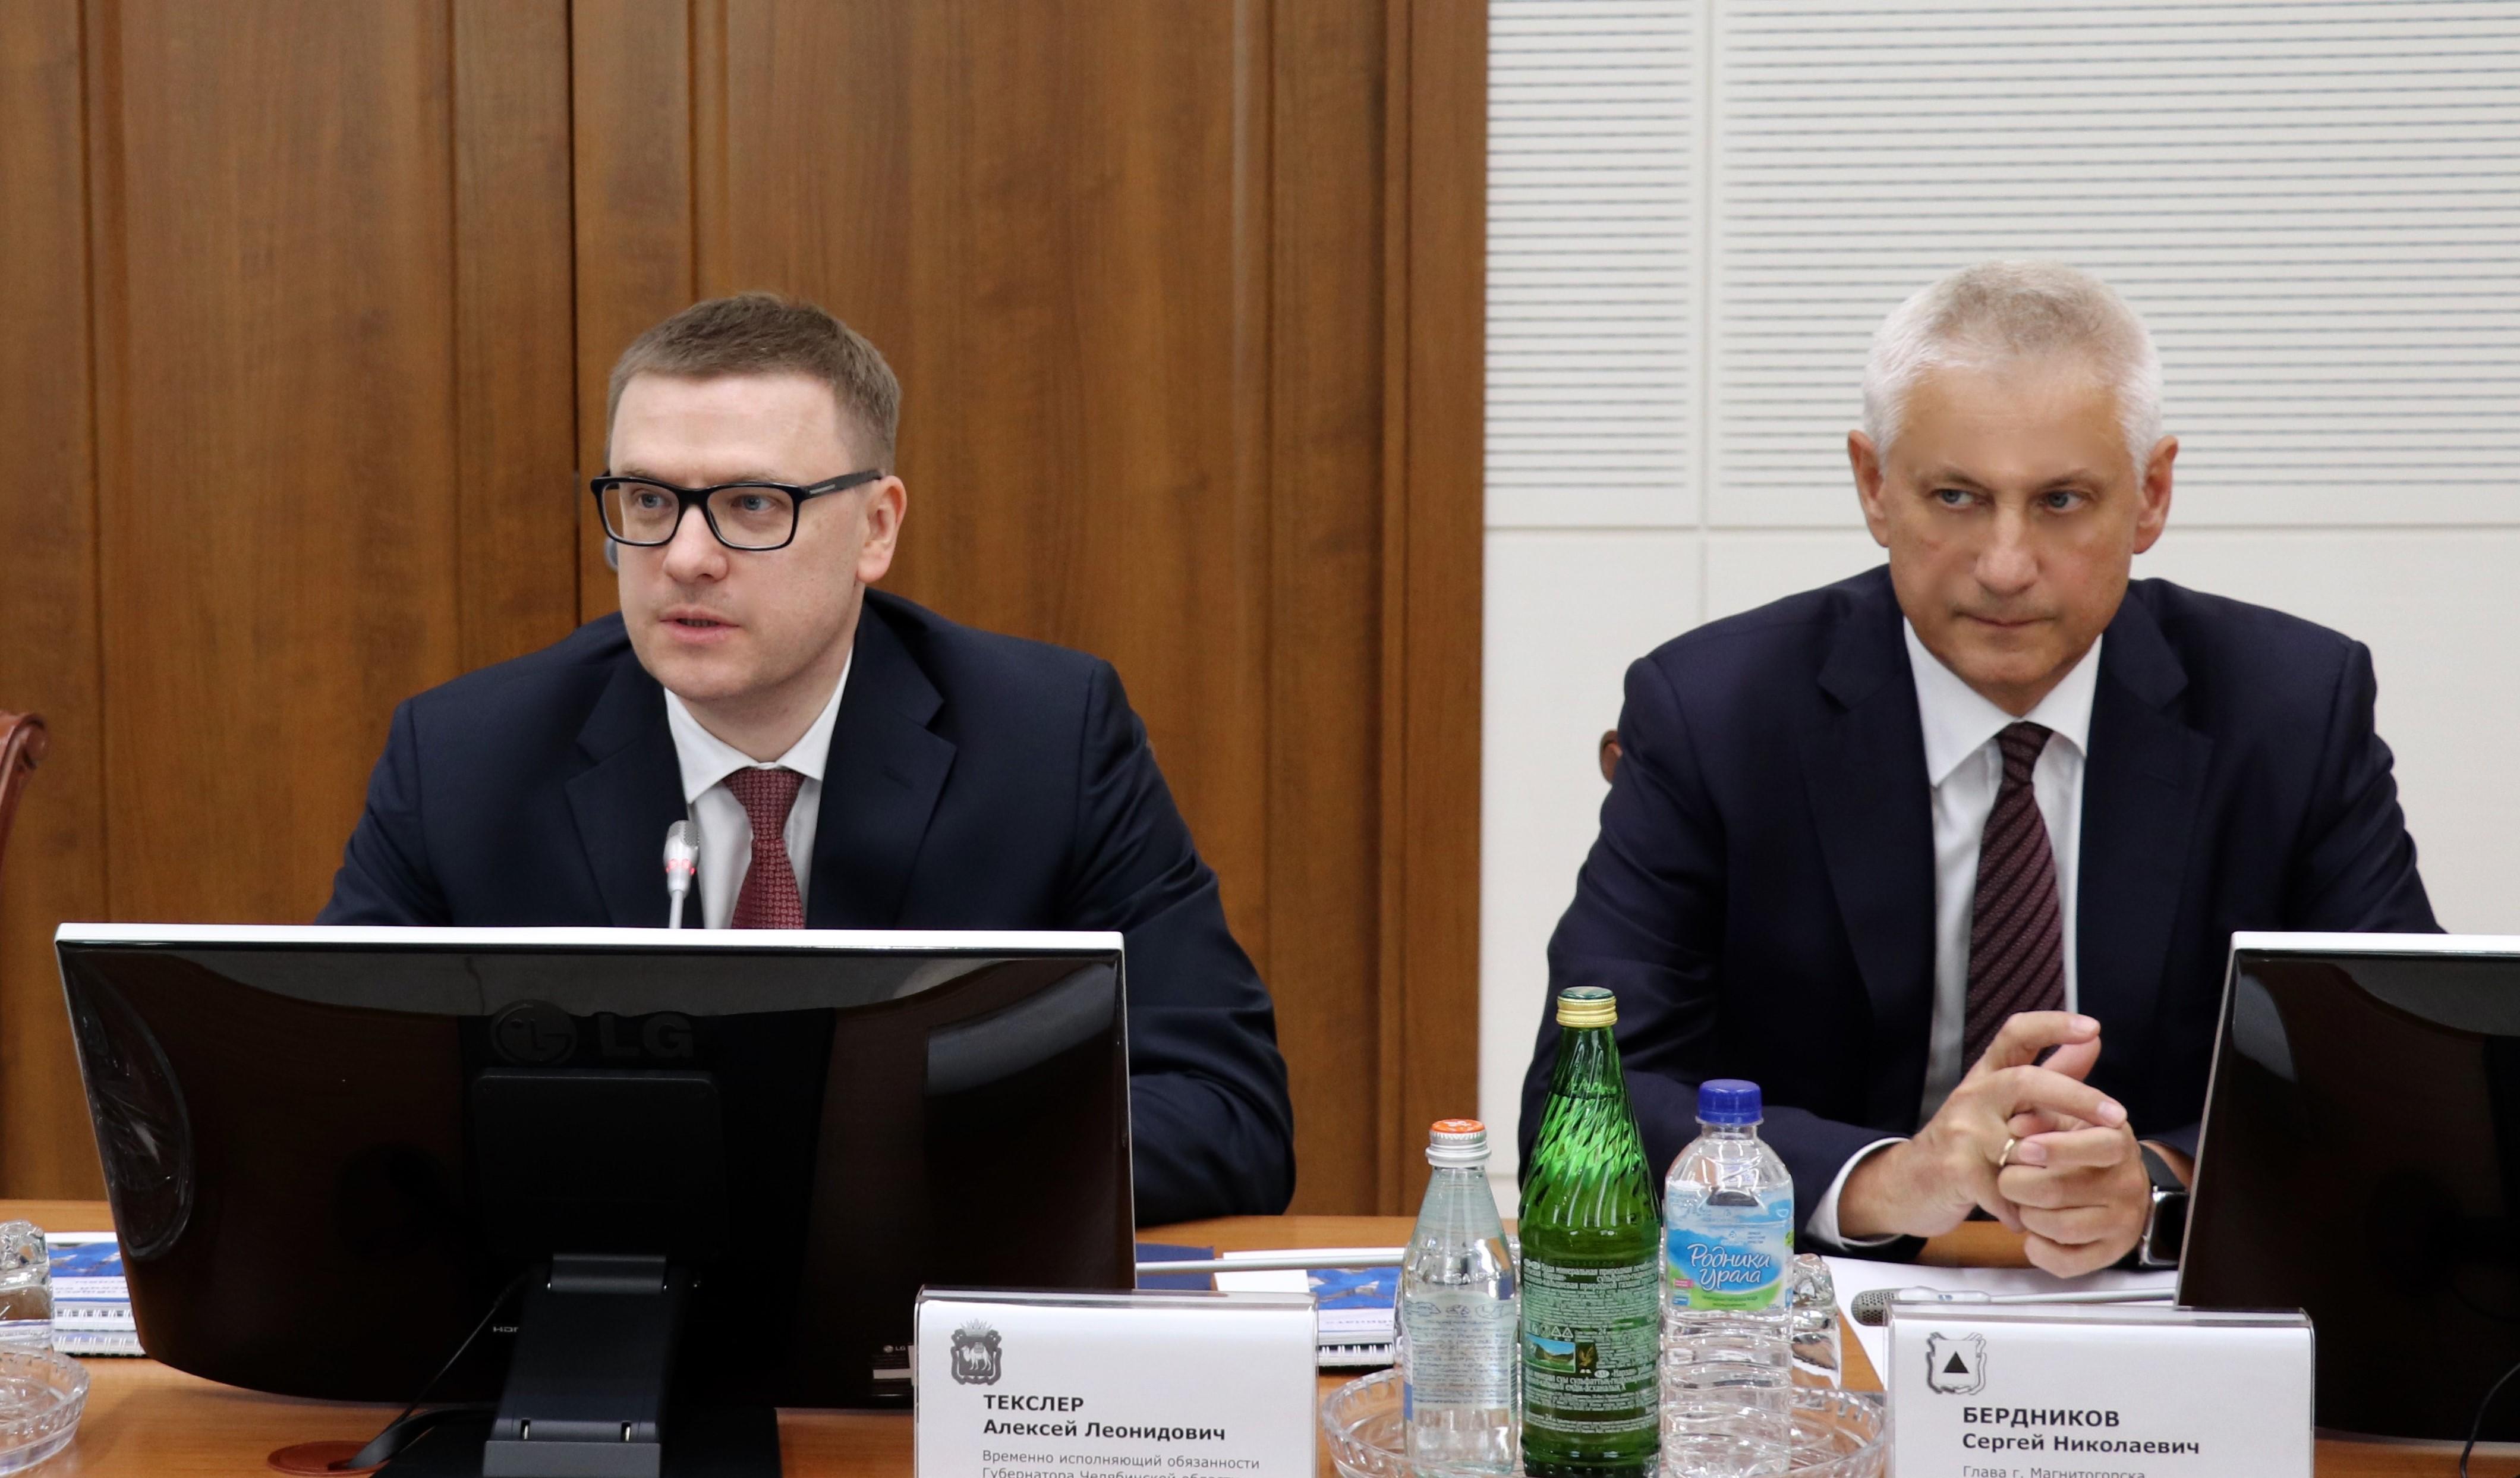 Врио губернатора Челябинской области Алексей Текслер провёл рабочую встречу с гл